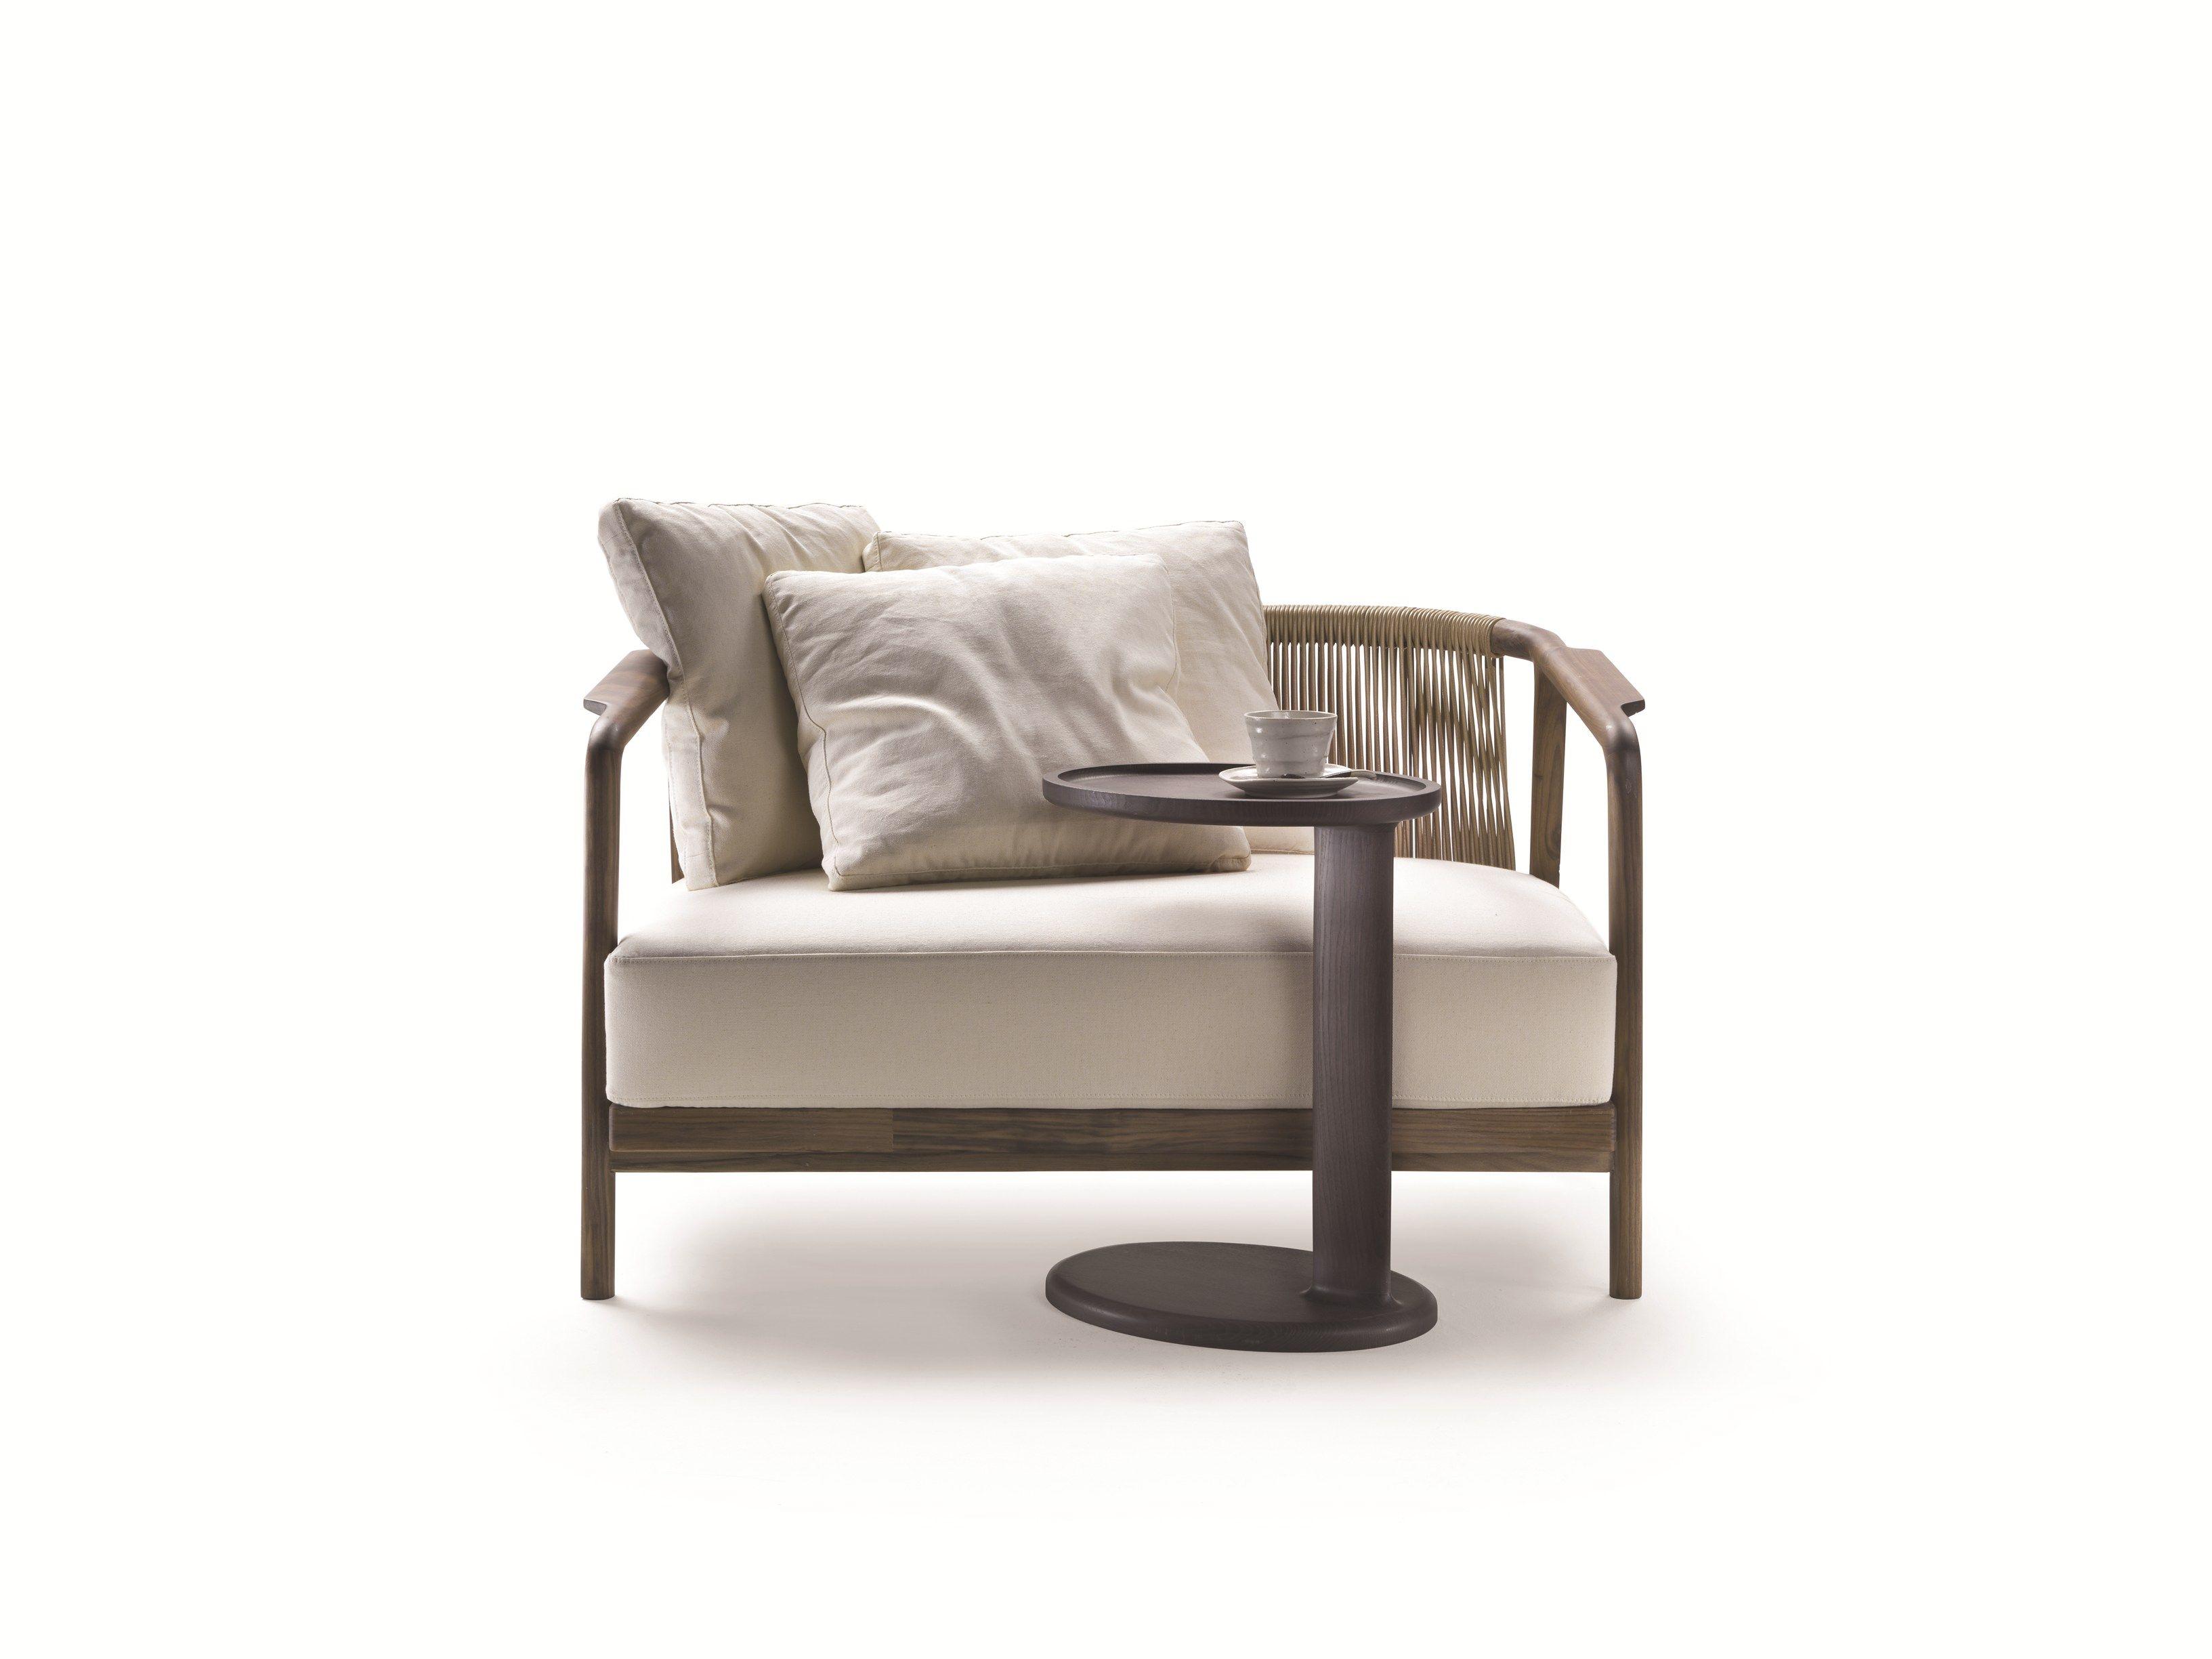 CRONO Small sofa by FLEXFORM design Antonio Citterio | 家具 | Pinterest